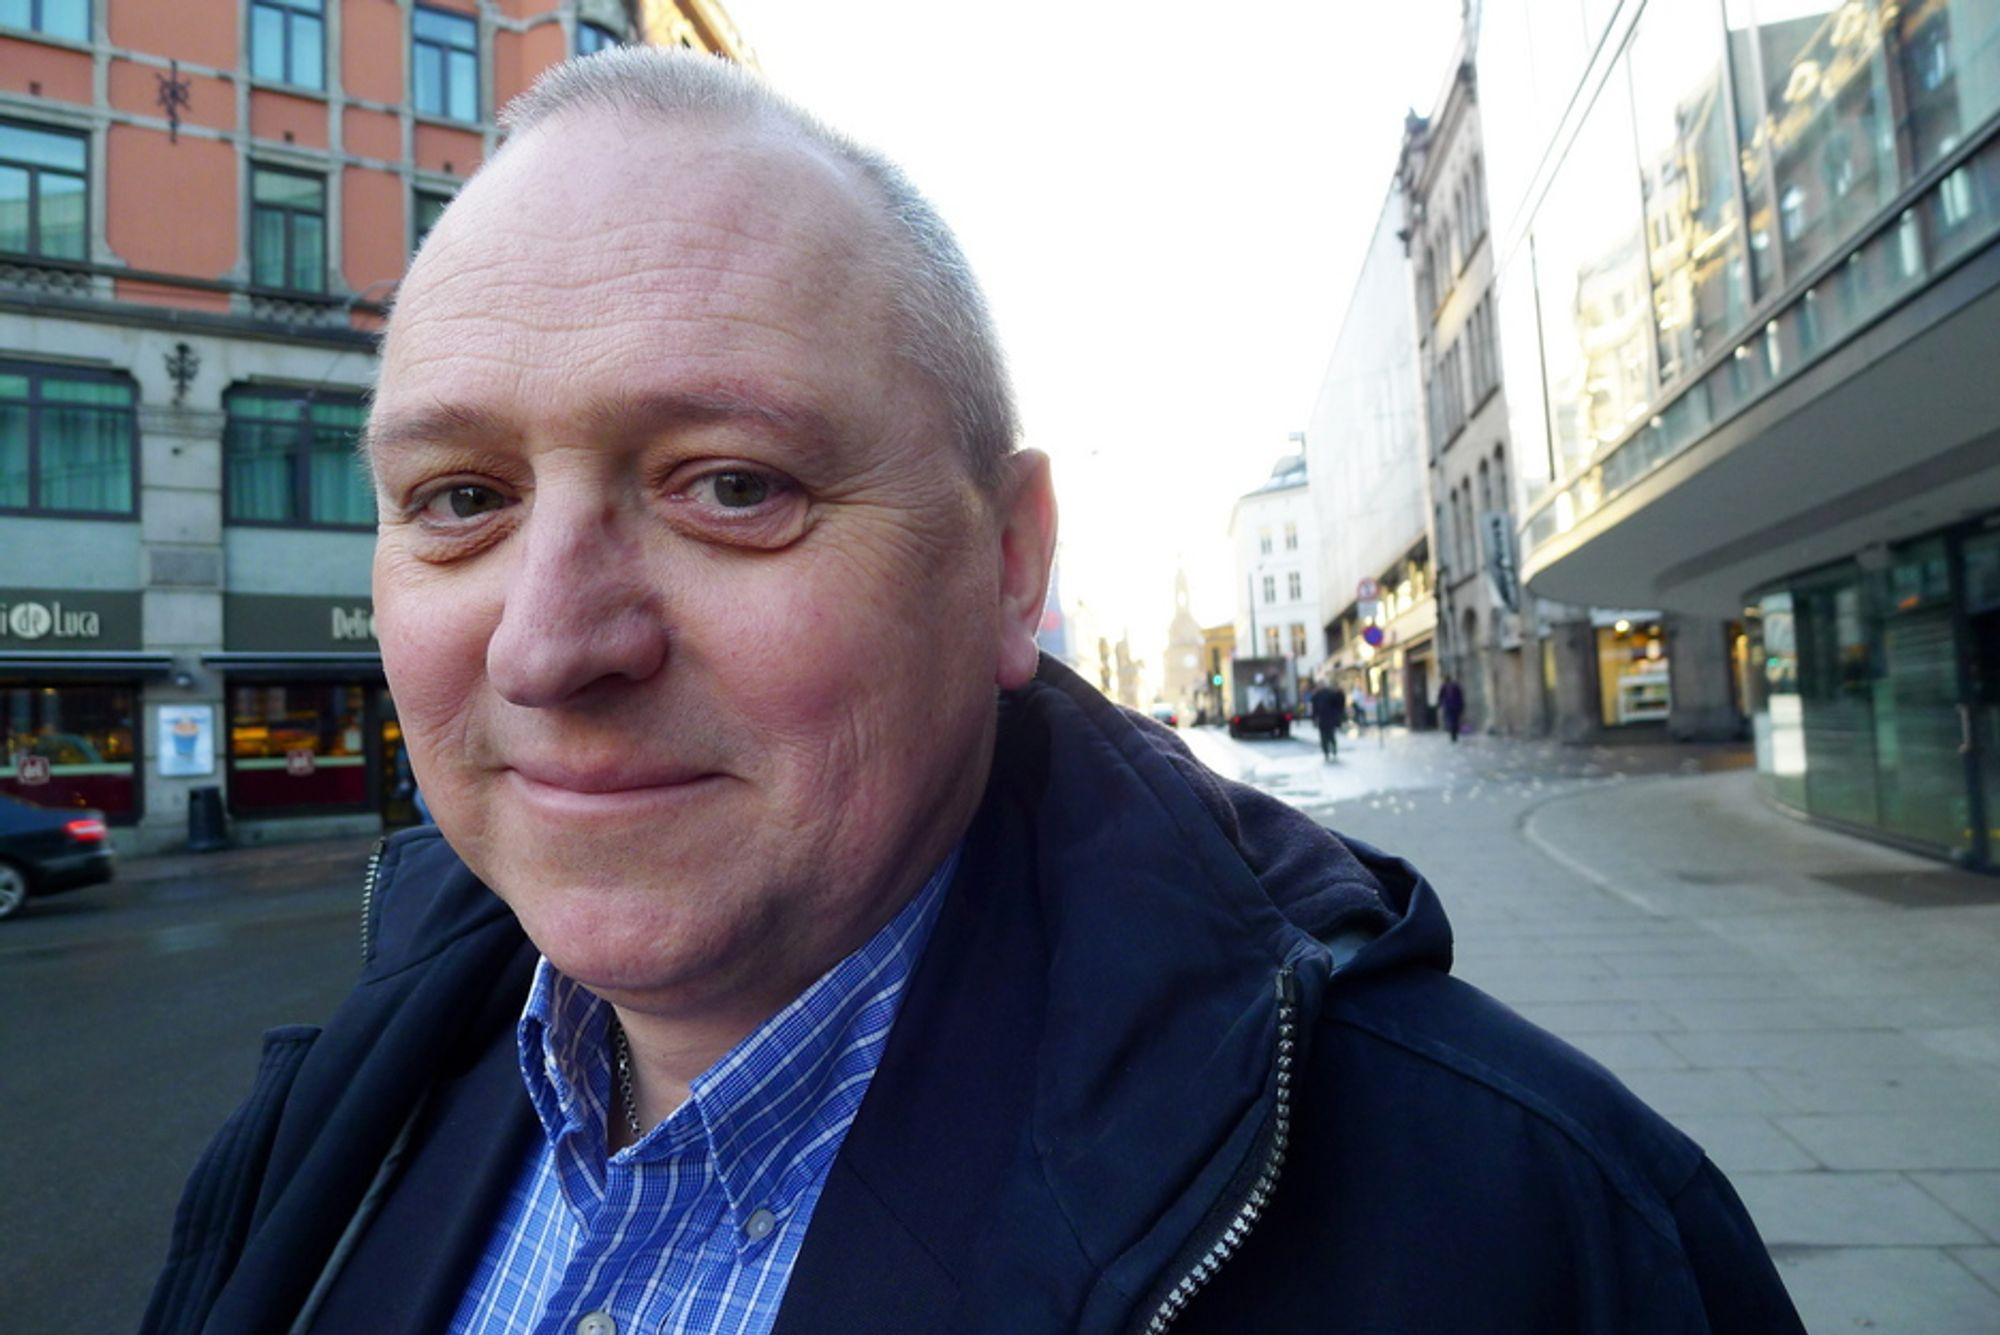 BYTTER VIND-BEITE: Tore Engevik slutter som administrerende direktør i Vestavind Offshore. Nå skal han bli vind-direktør i Aibel.